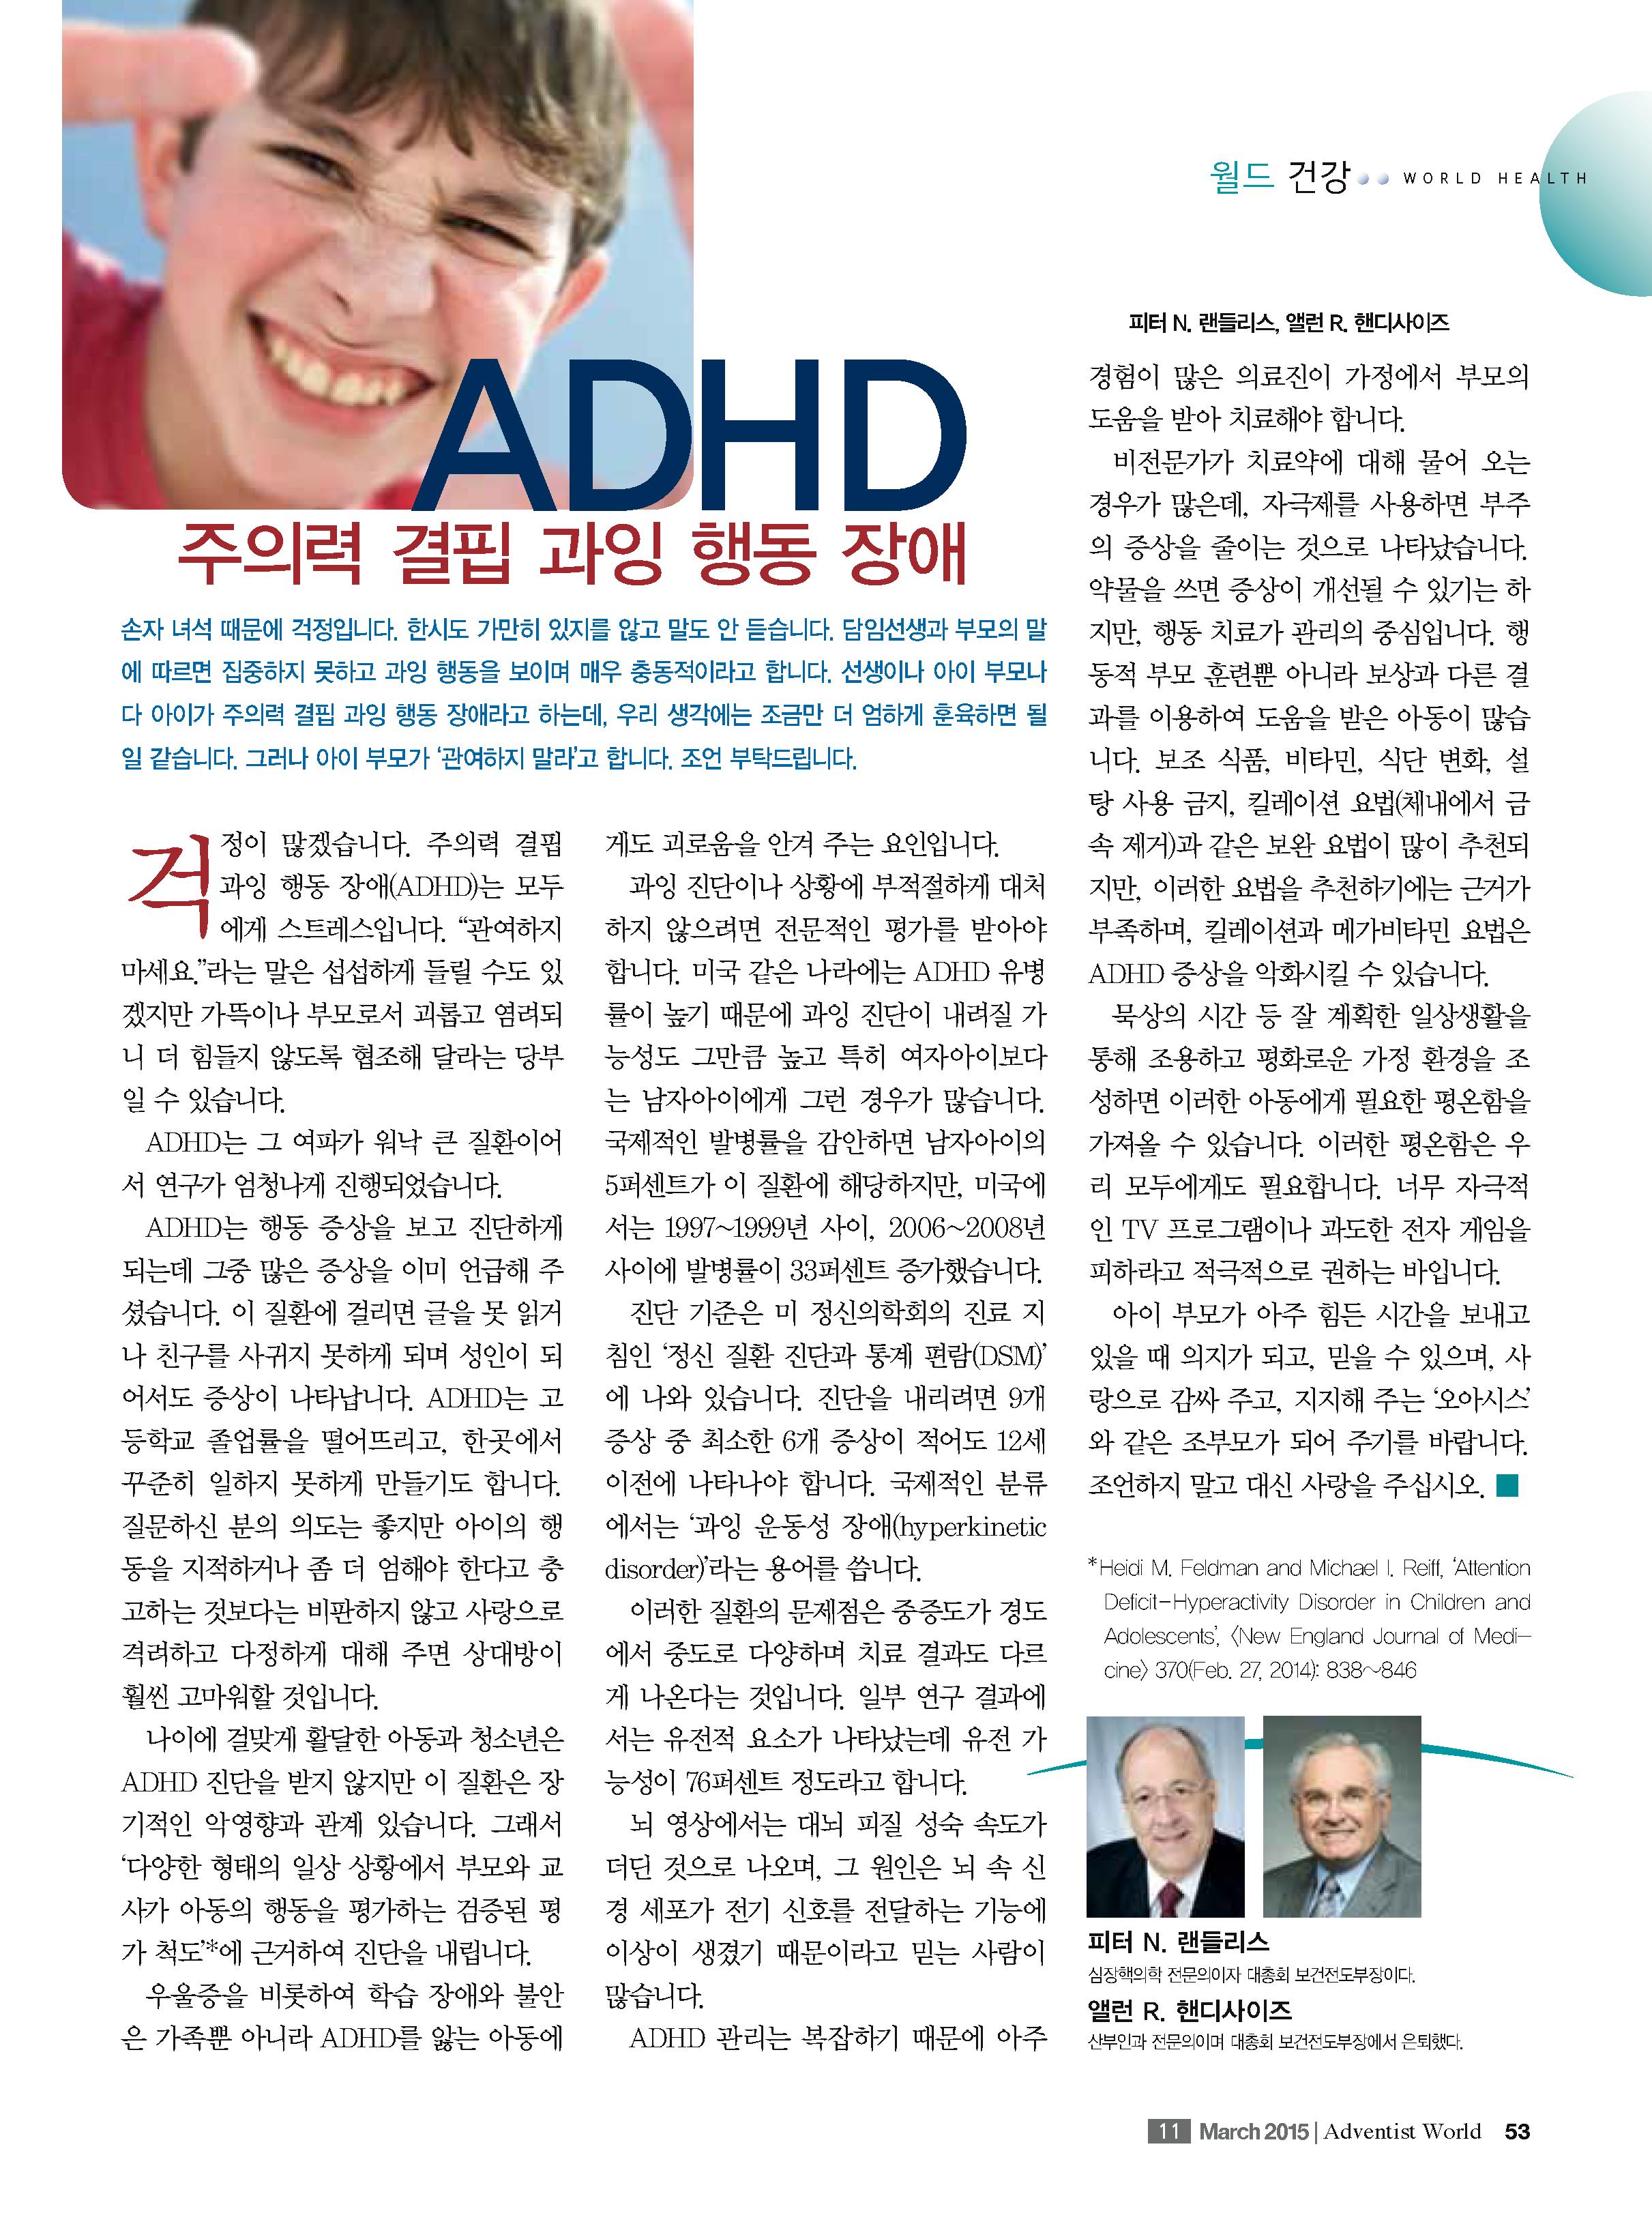 주의력 결핍 과잉 행동 장애(ADHD)